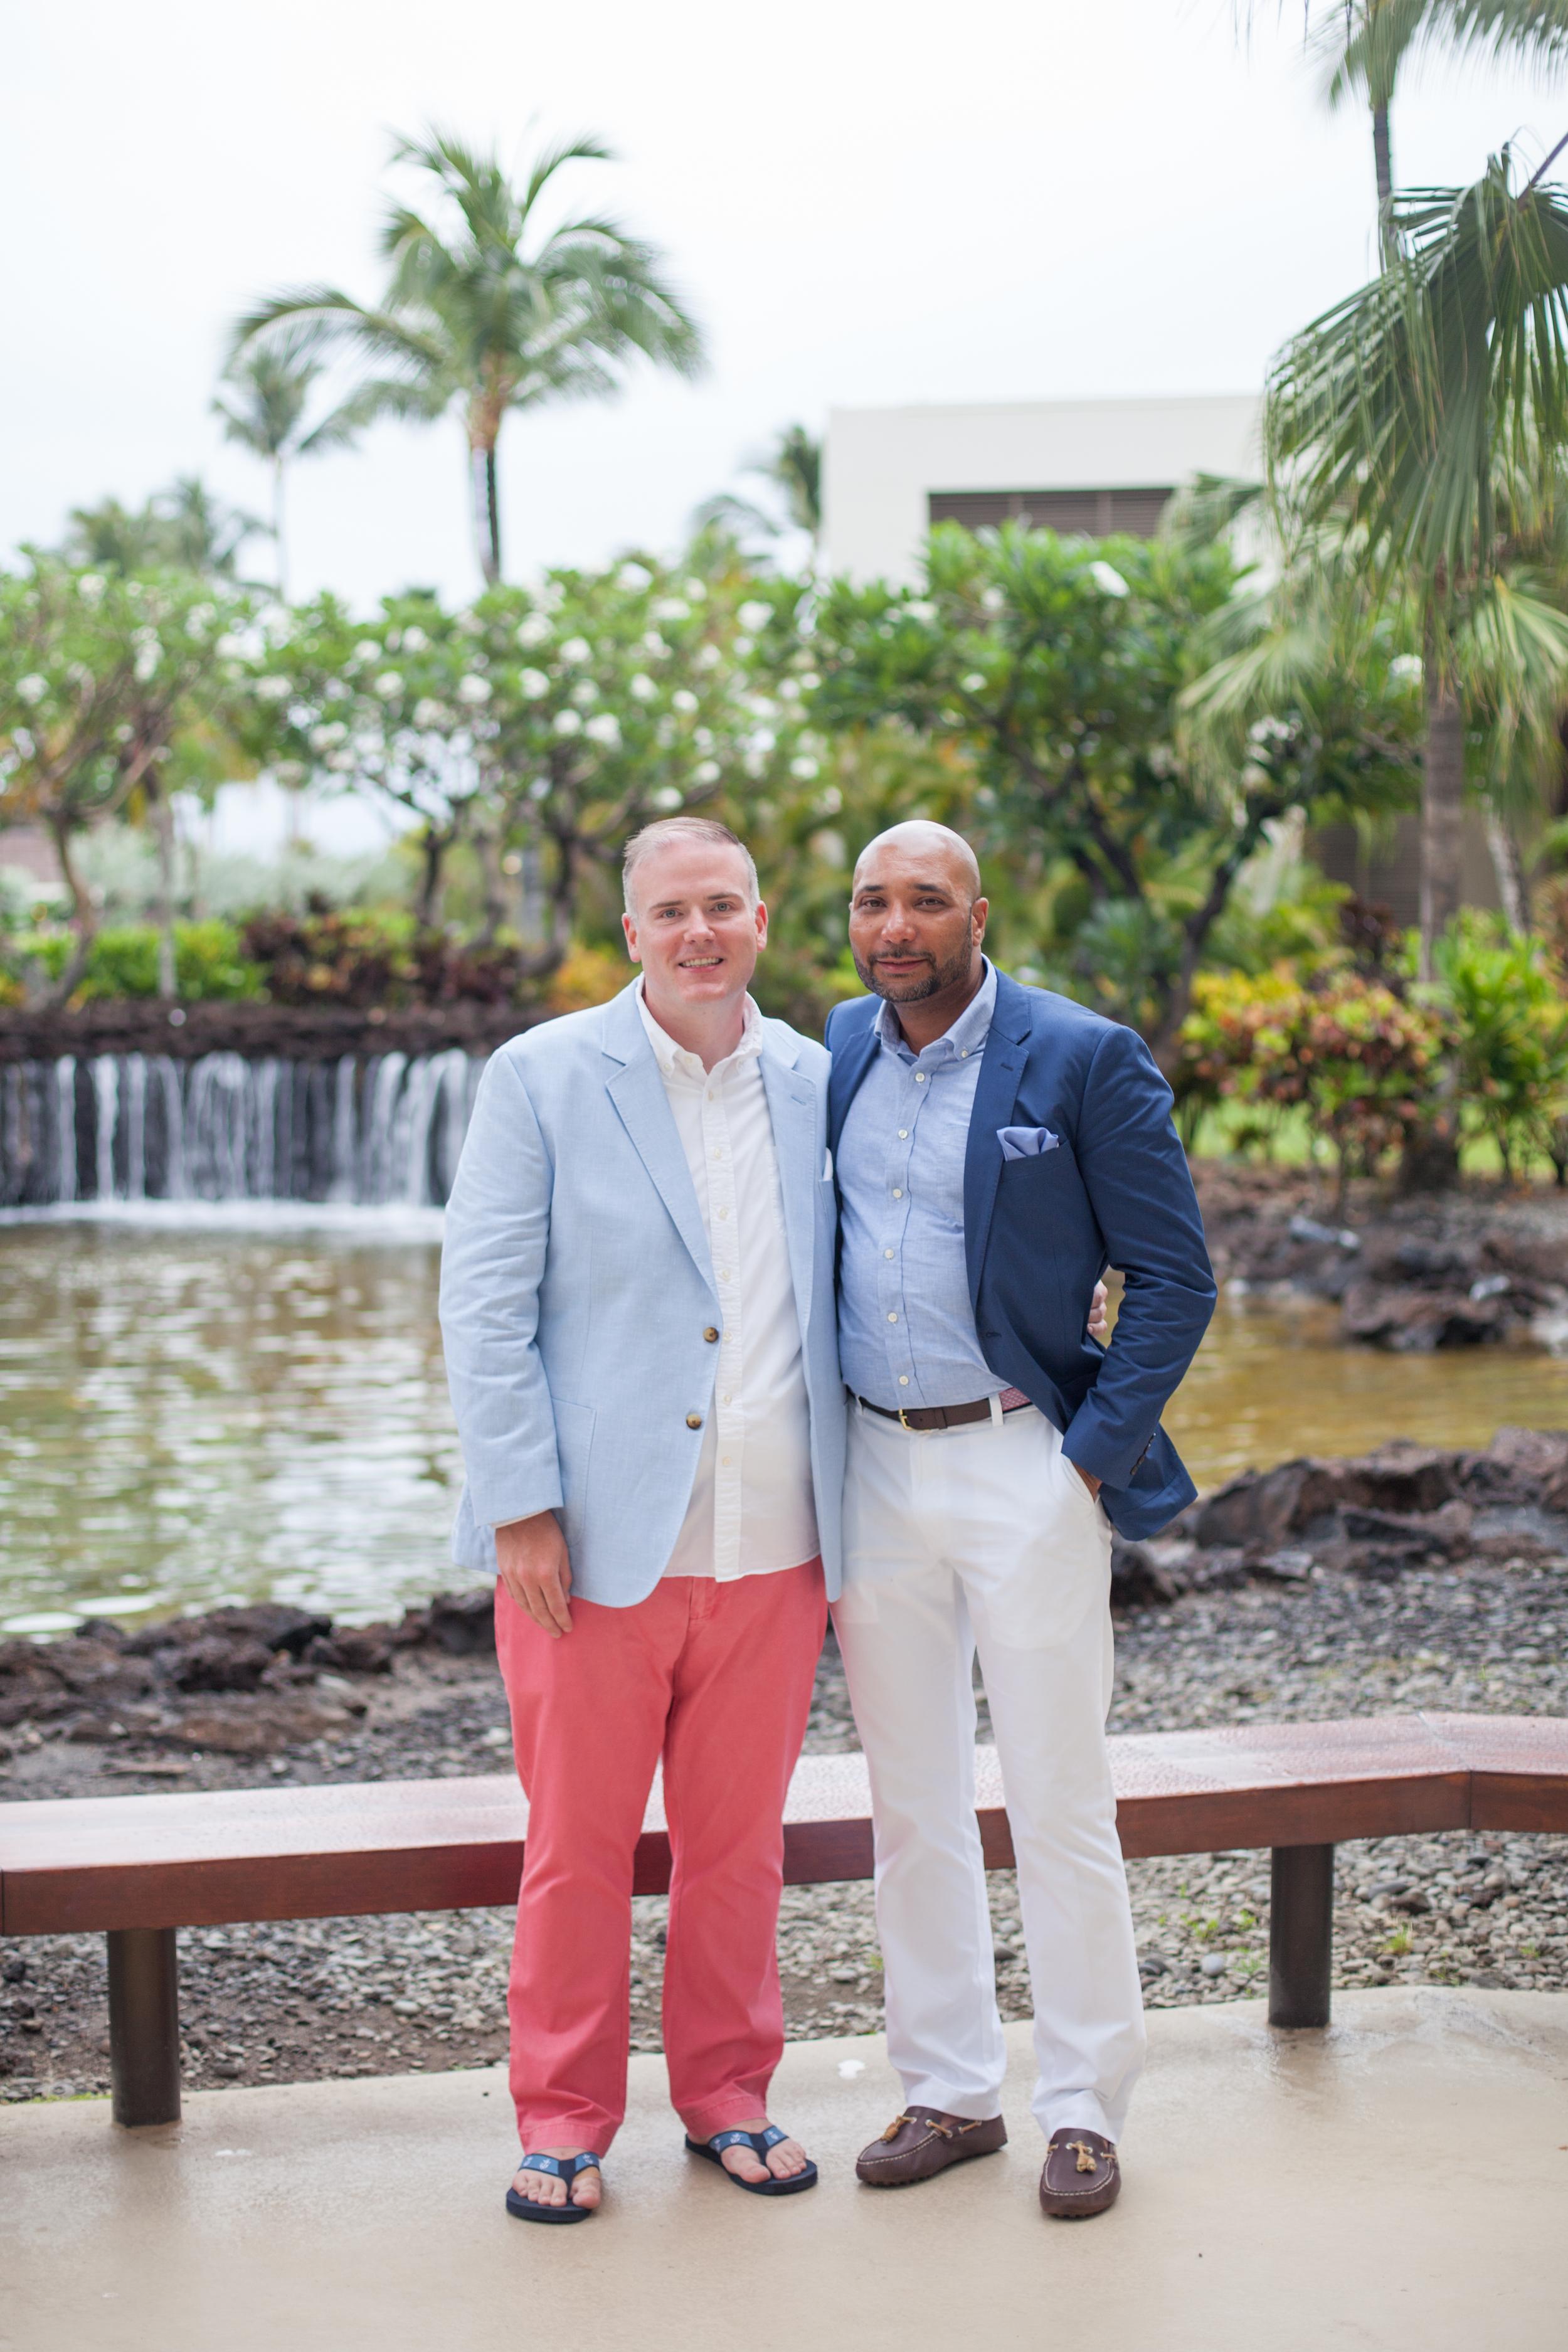 big island hawaii rmauna lani beach wedding © kelilina photography 20160601180319-3.jpg